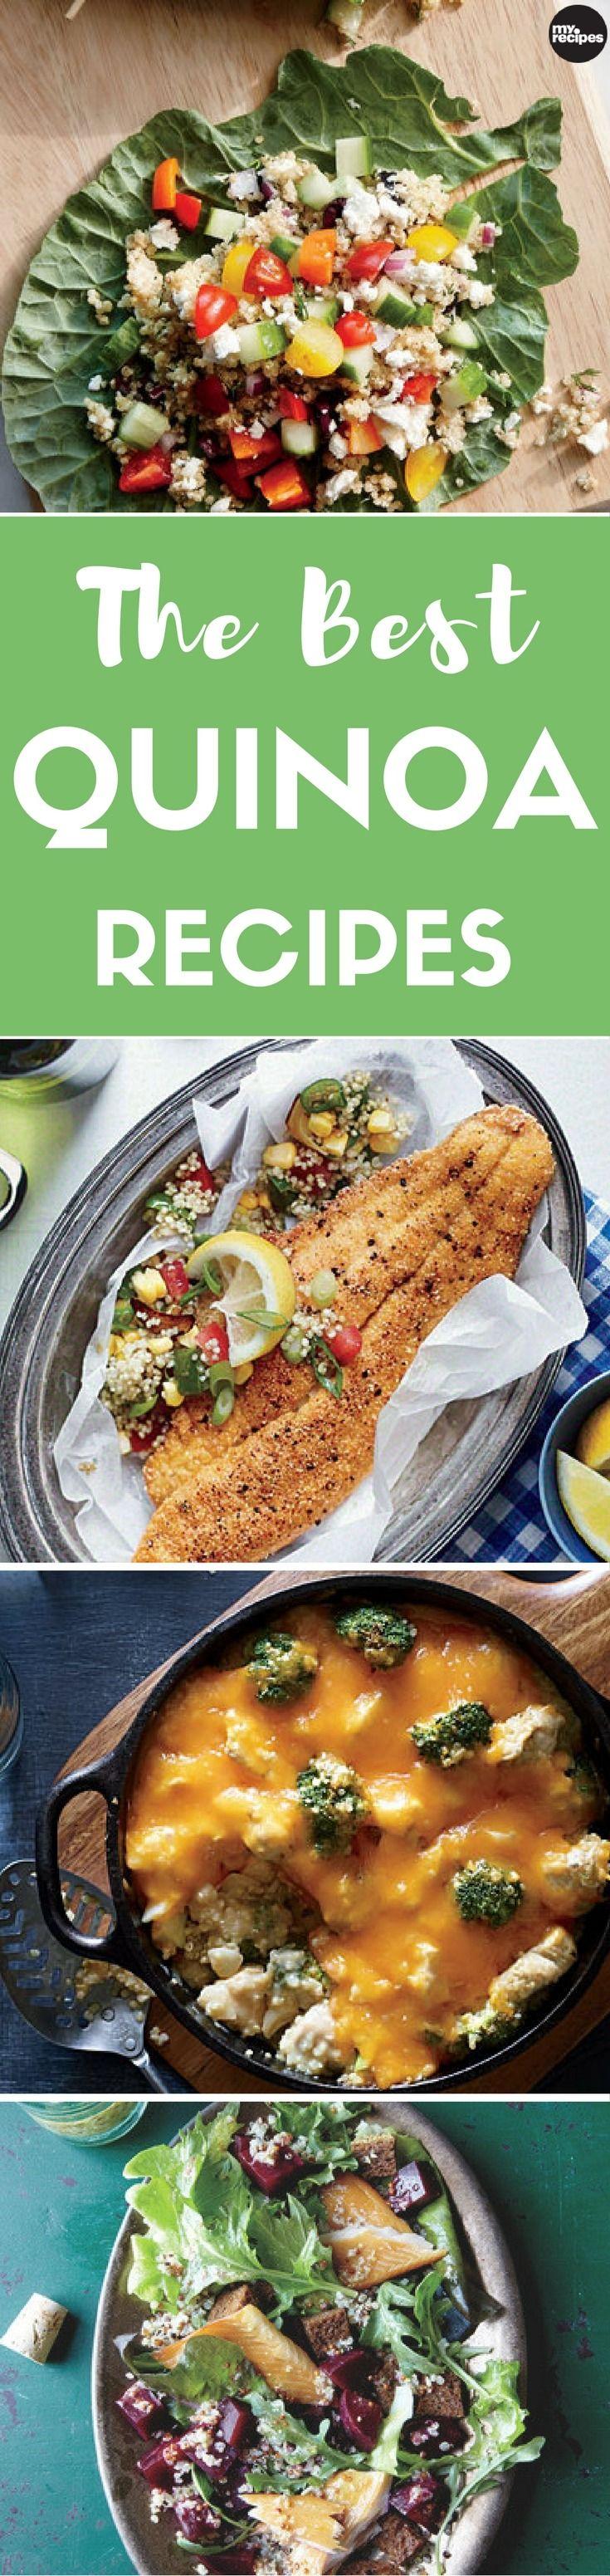 Our Best Quinoa Recipes